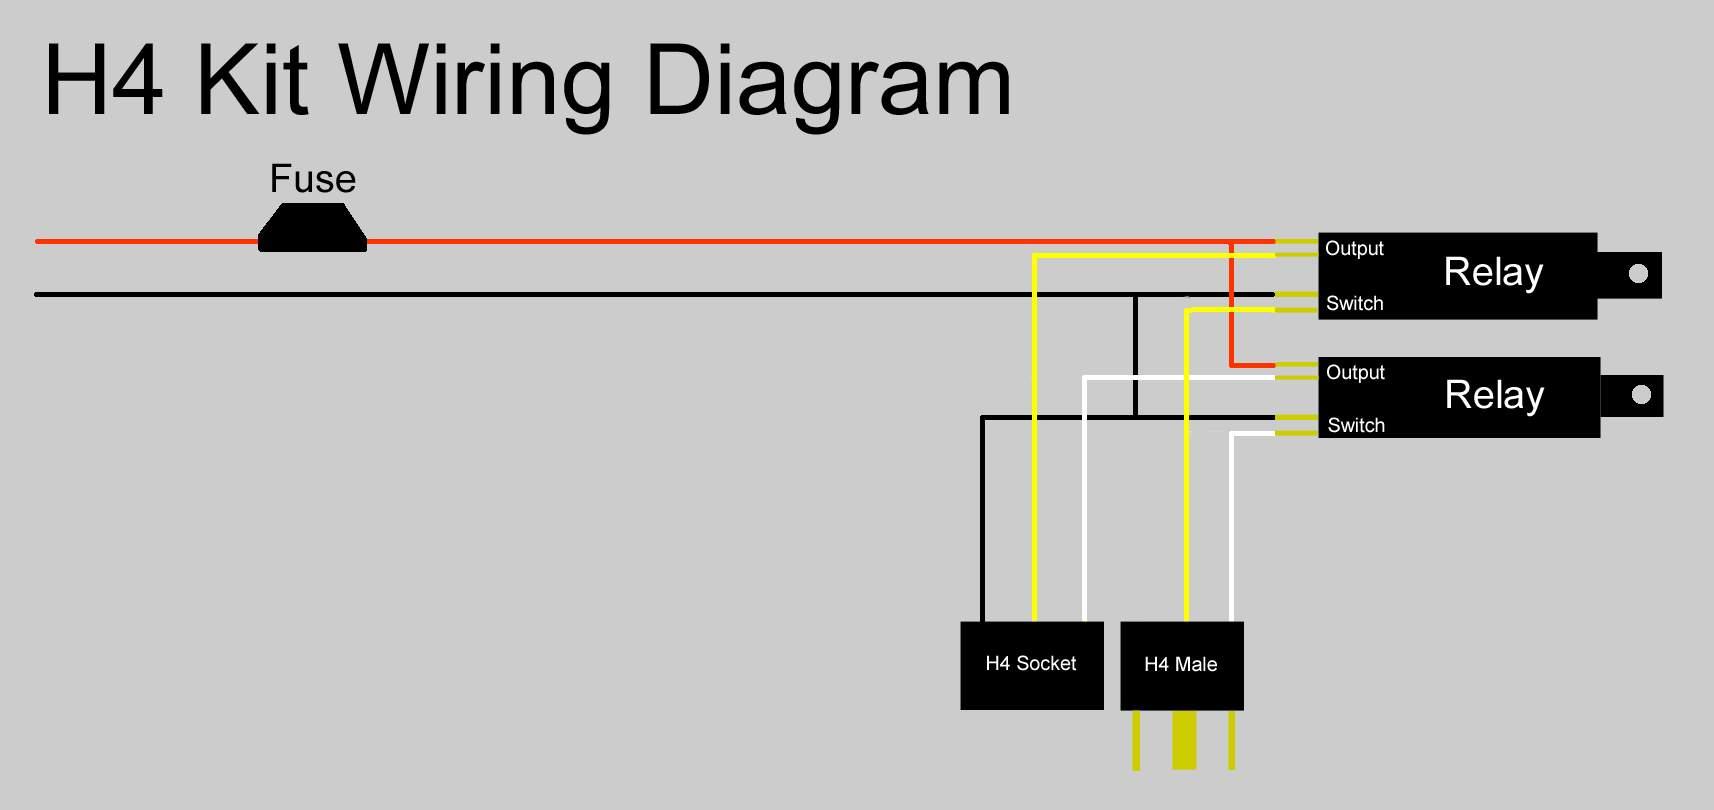 ρελέ(ς) H4kitwiringdiagram